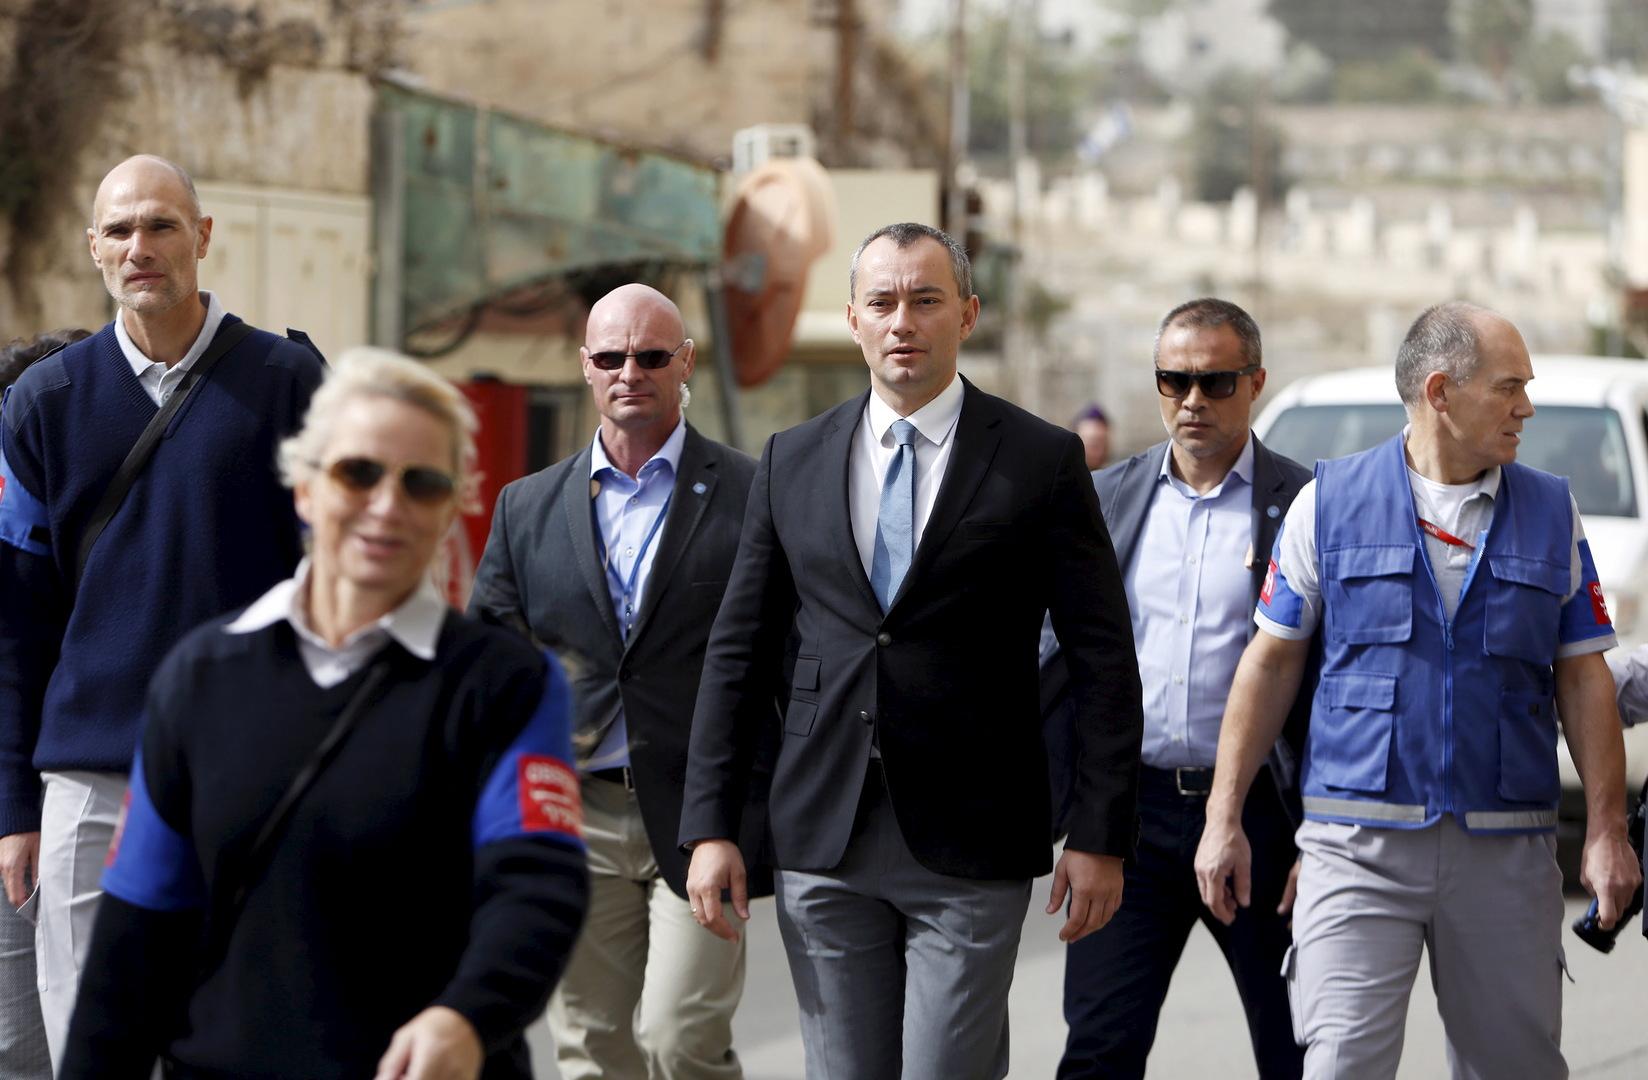 ملادينوف: التطبيع قد يكون مفيدا للفلسطينيين